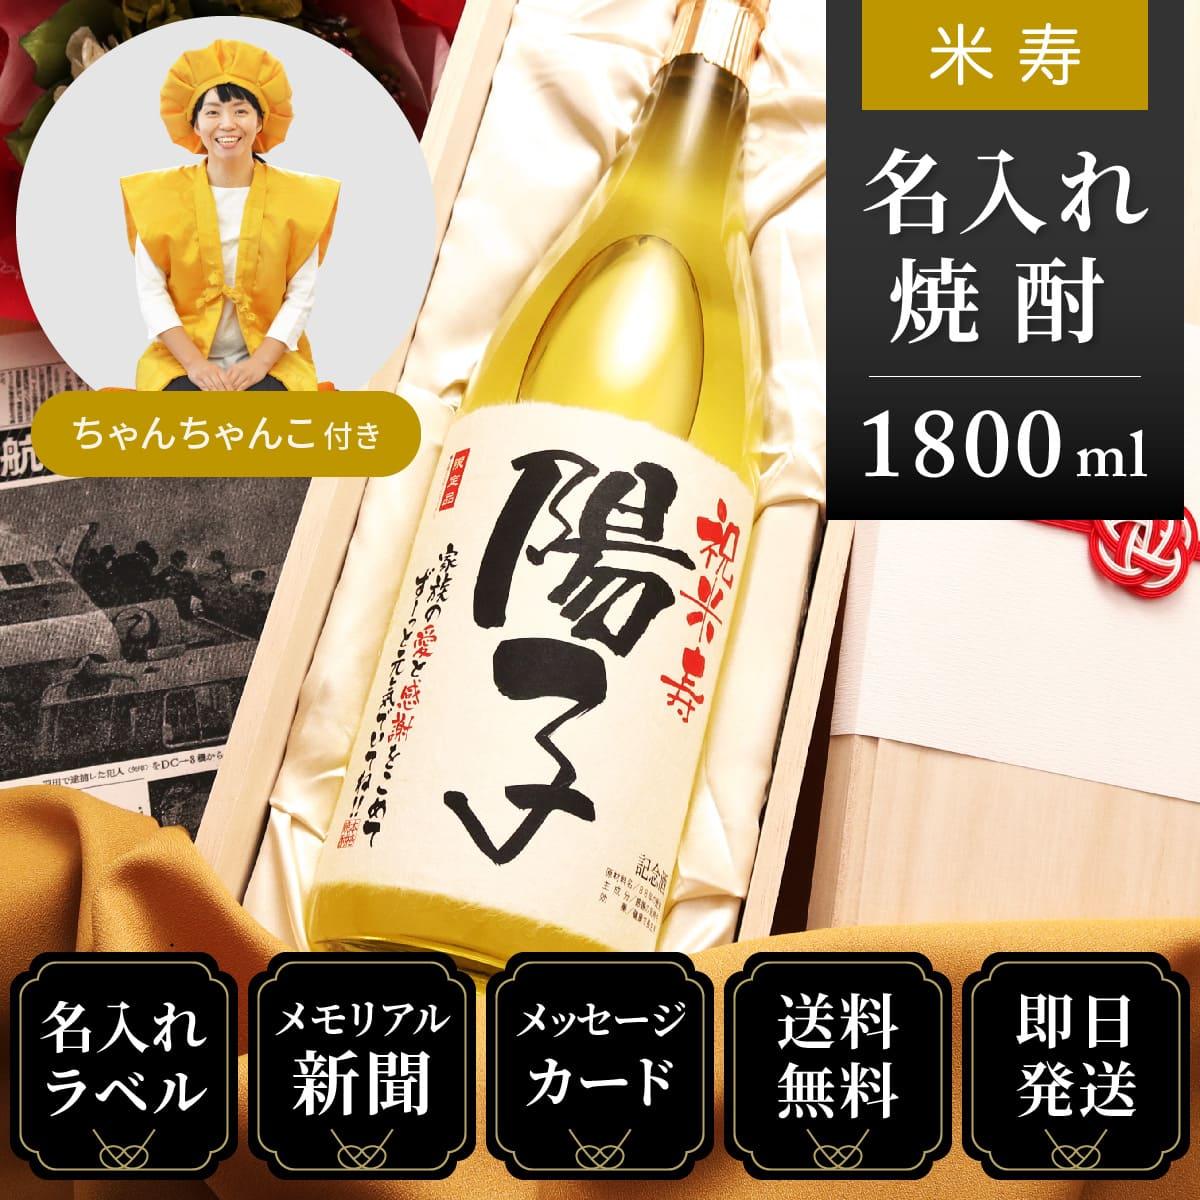 ちゃんちゃんこセット|米寿のプレゼント「華乃萌黄」父親向け贈り物(酒粕焼酎)